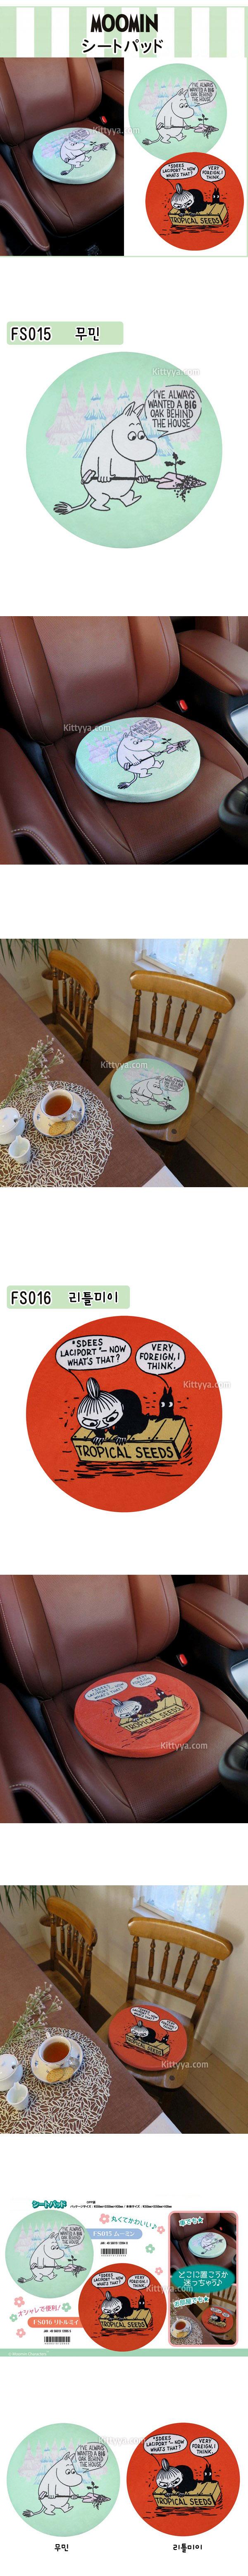 무민 시트패드 방석 (2design) - 키티야, 37,400원, 카인테리어, 실내 악세서리